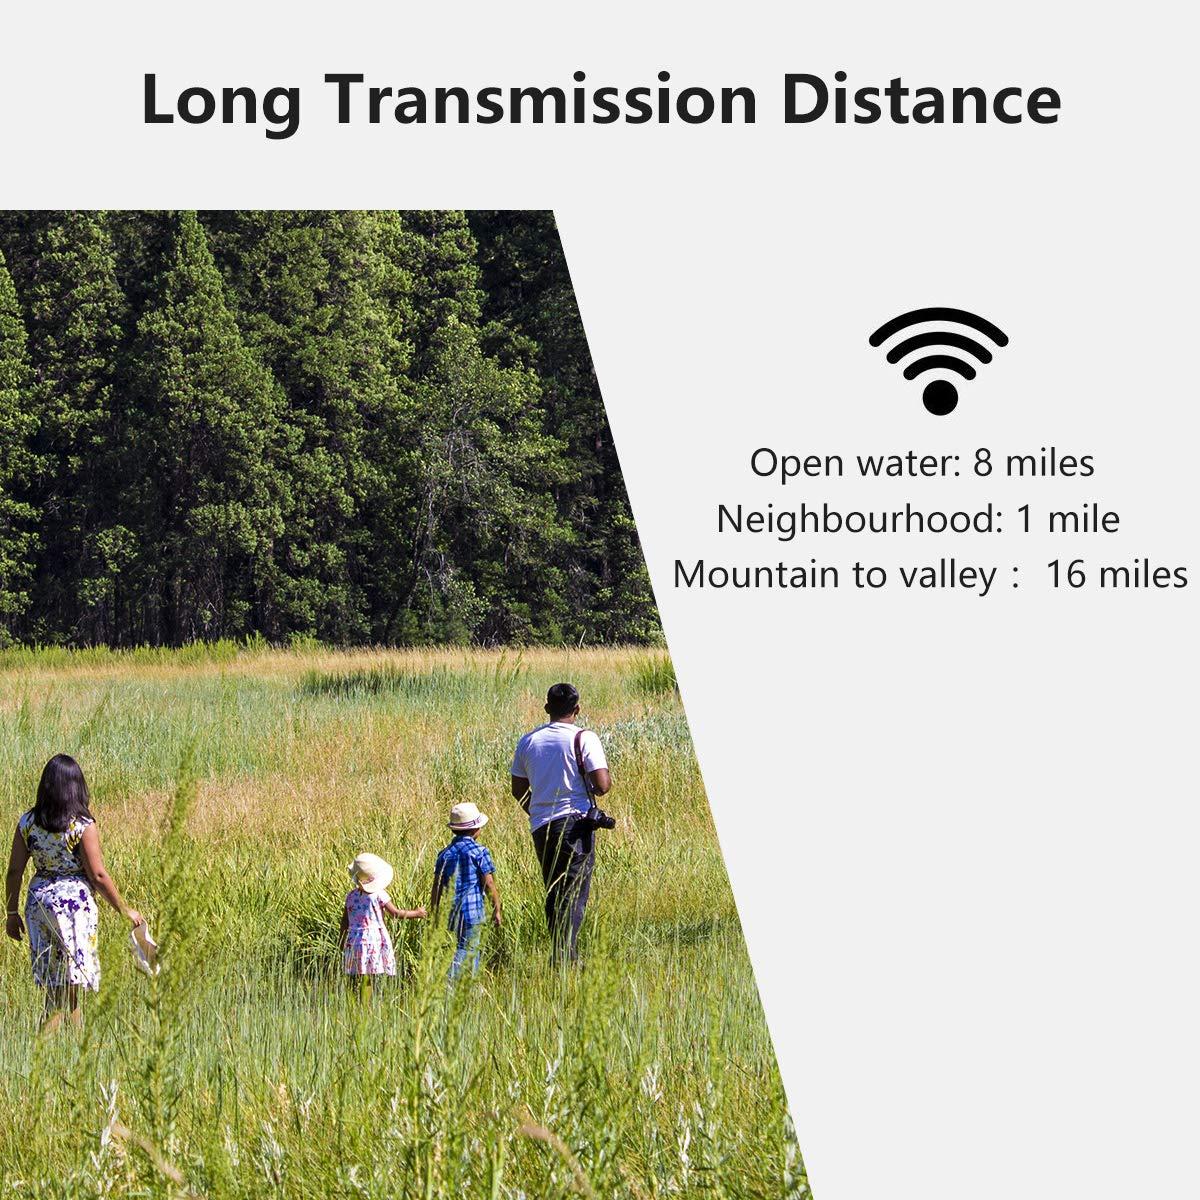 FLOUREON Talkie Walkies Enfant PMR 446 MHz 9 Canaux Interphone Bidirectionnel Longue Distance Enfants Jouets Cadeau pour Enfants Bleu